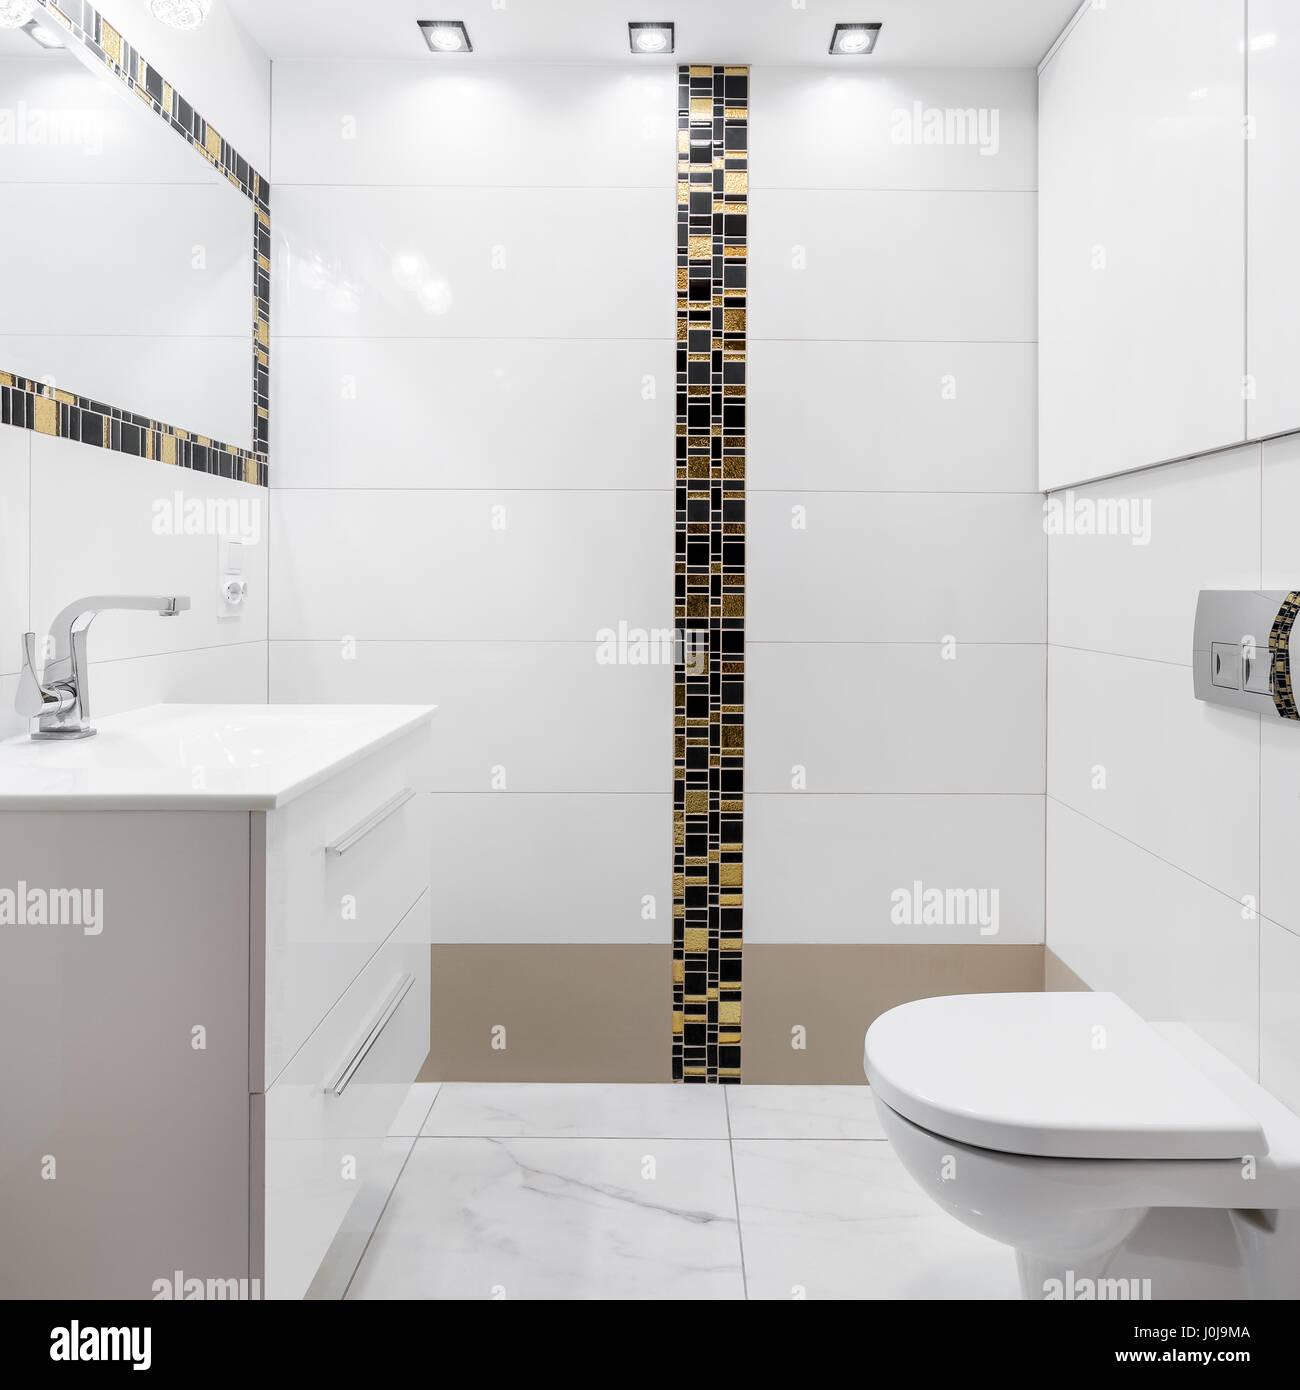 Rectangular Tiles Stock Photos & Rectangular Tiles Stock Images - Alamy